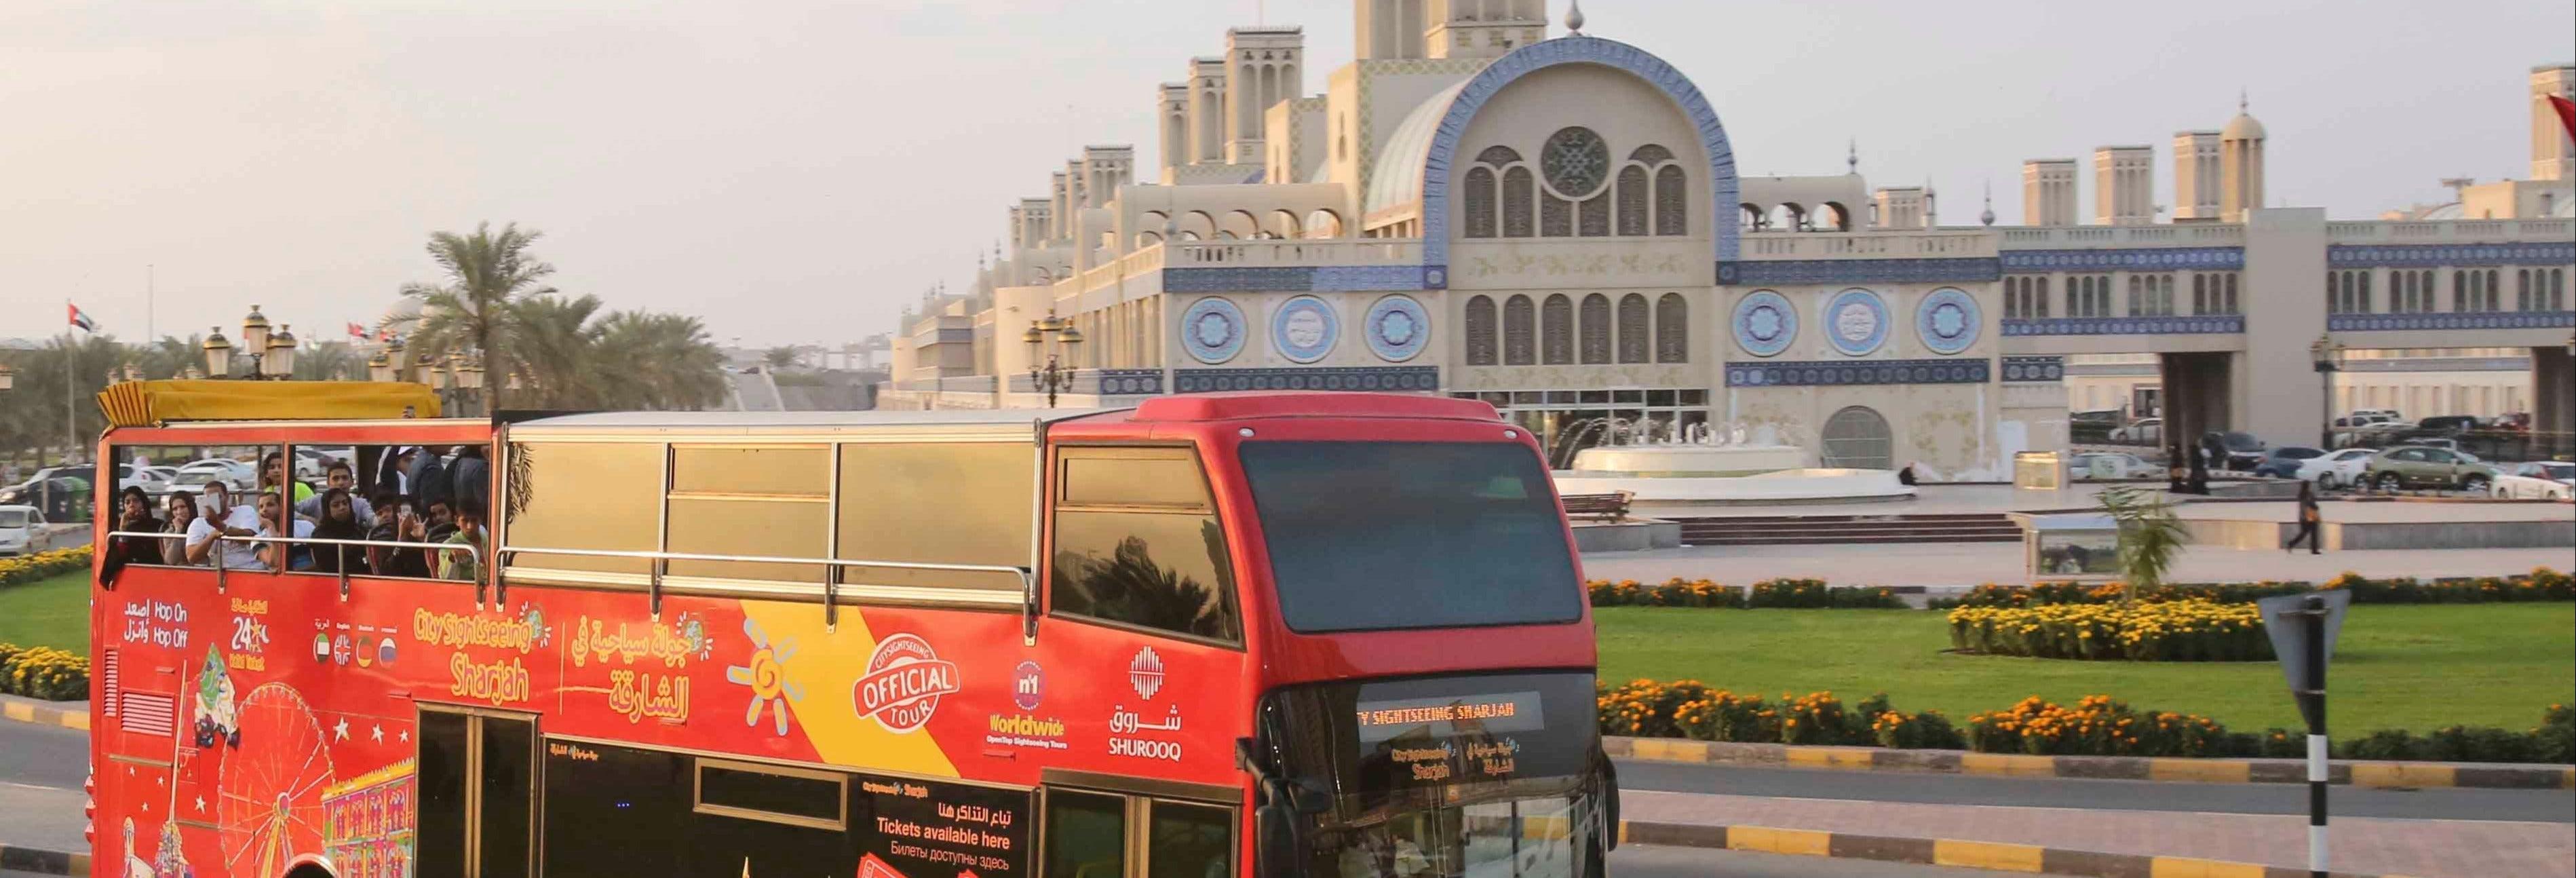 Autobus turistico di Sharja